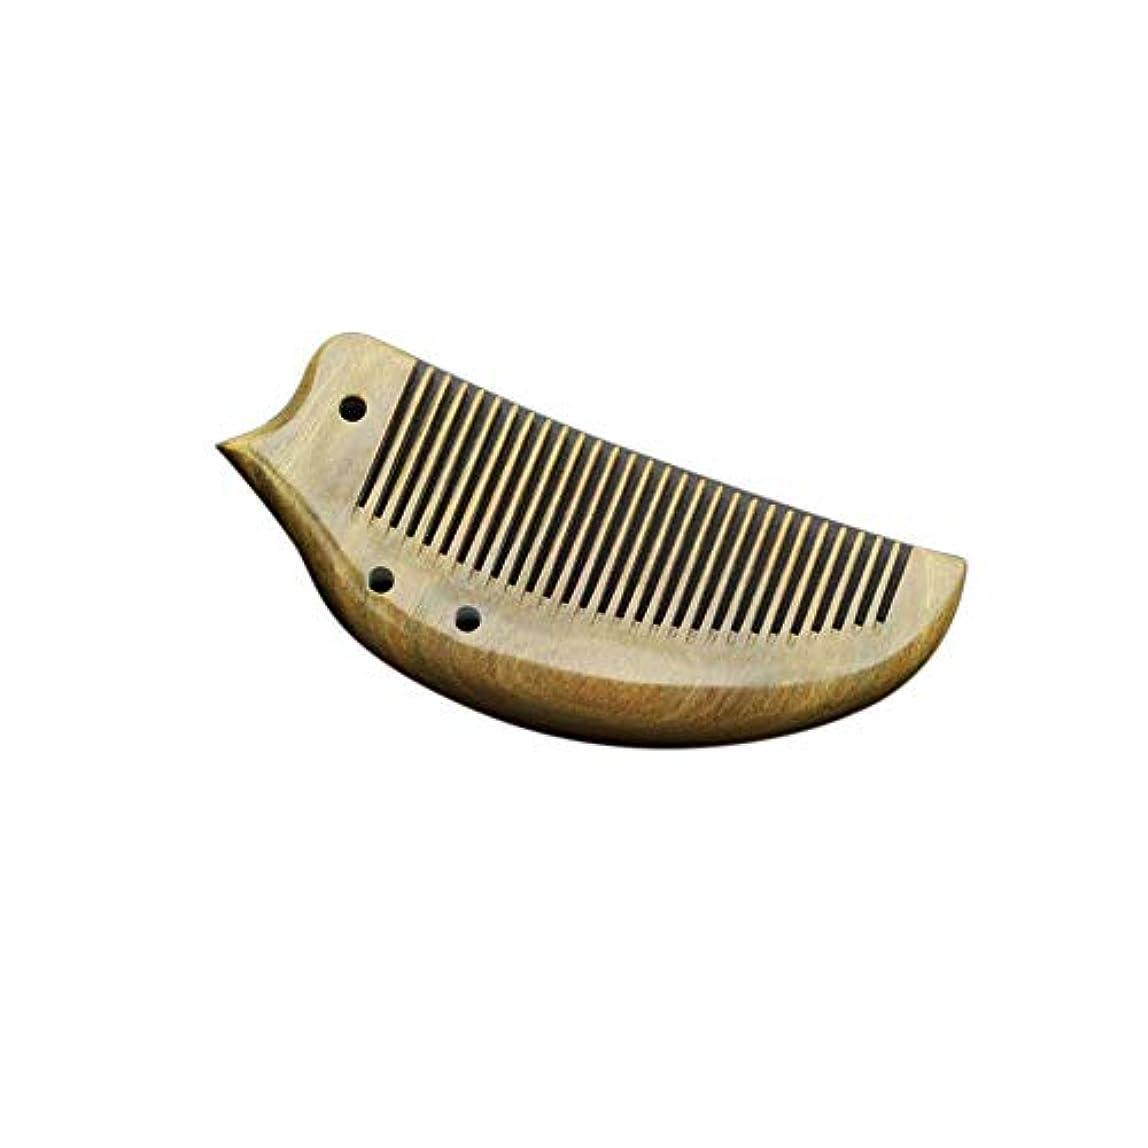 石膏勉強する空中Fashian手作りの木製くしナチュラルサンダルウッド櫛(ノースタティック、ノーもつれ) ヘアケア (色 : オレンジ)